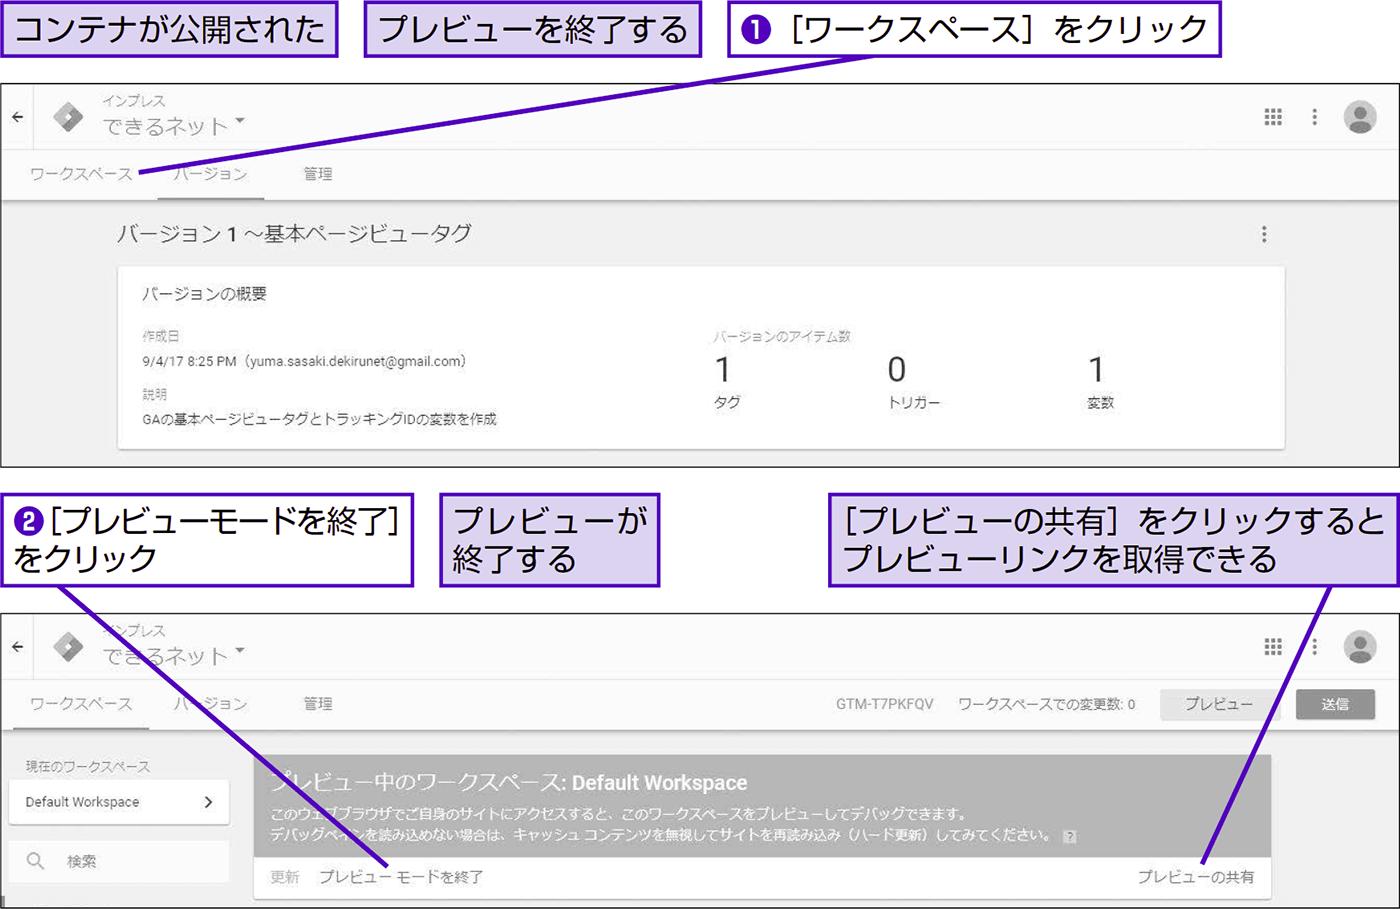 タグを追加したコンテナはプレビューしてから公開する - できる逆引き Googleアナリティクス 増補改訂2版